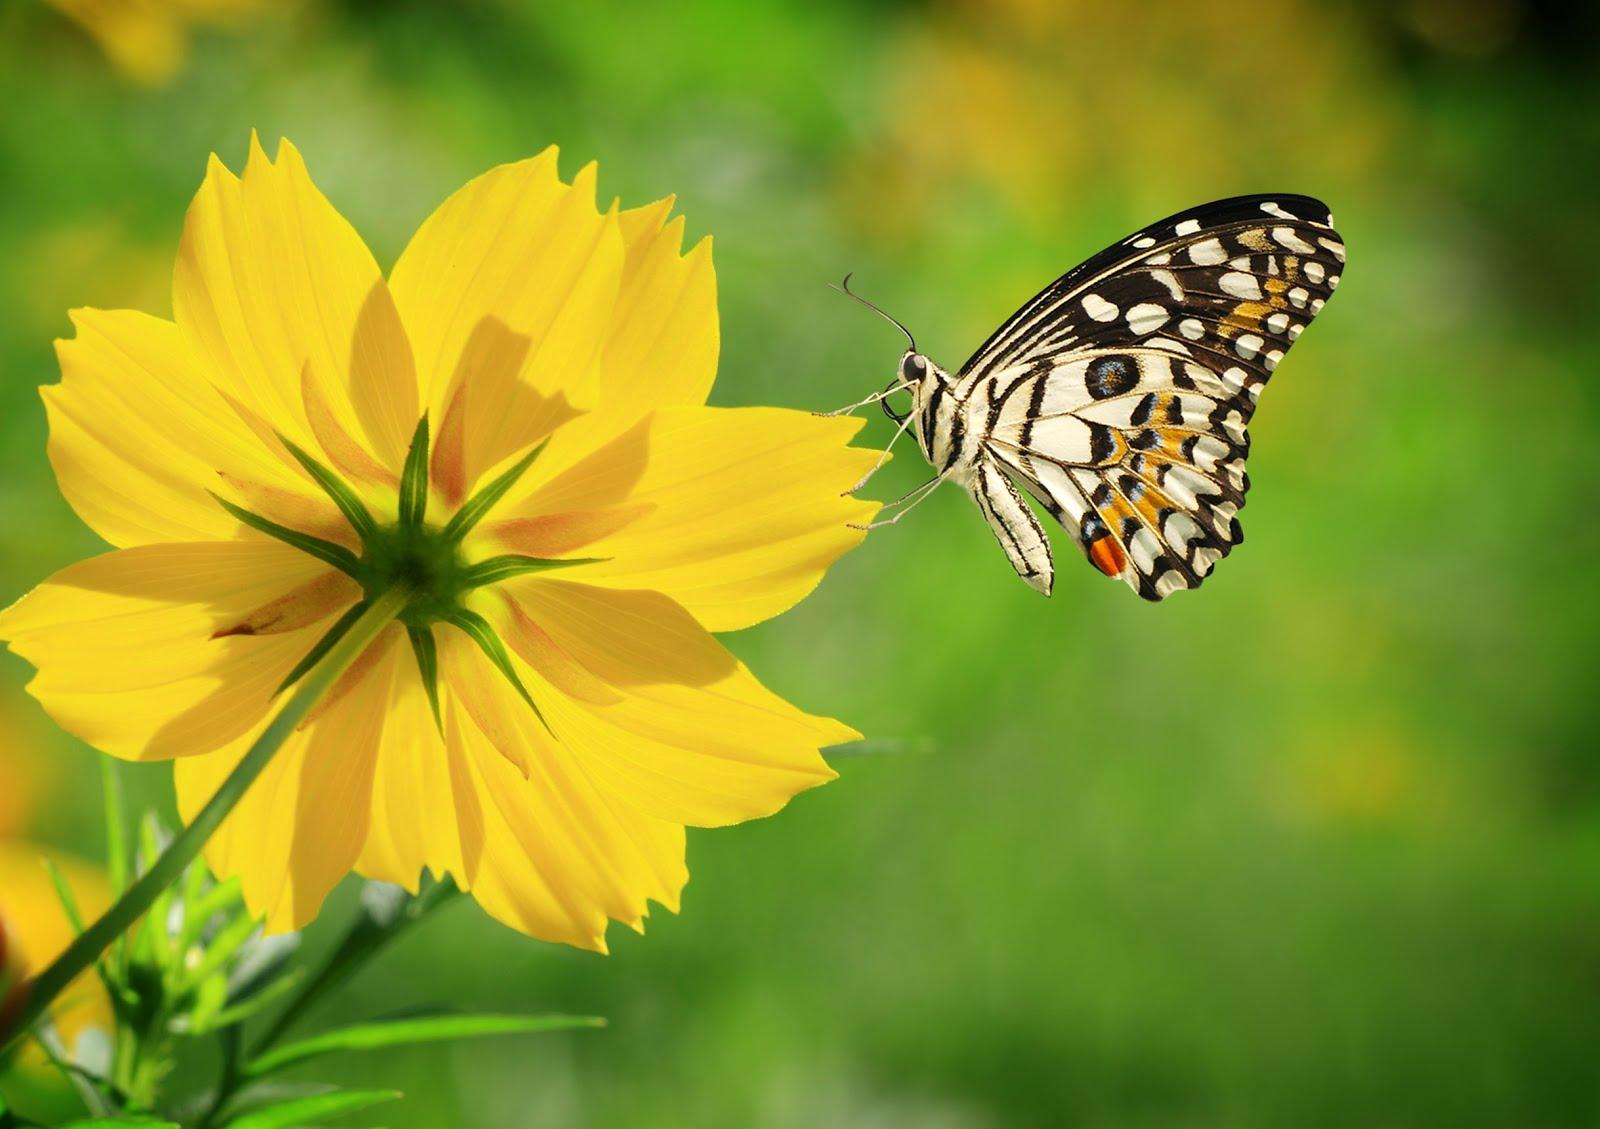 Fotografias De Mariposas Y Flores: BANCO DE IMÁGENES GRATIS: Mariposa Sobre Una Linda Flor